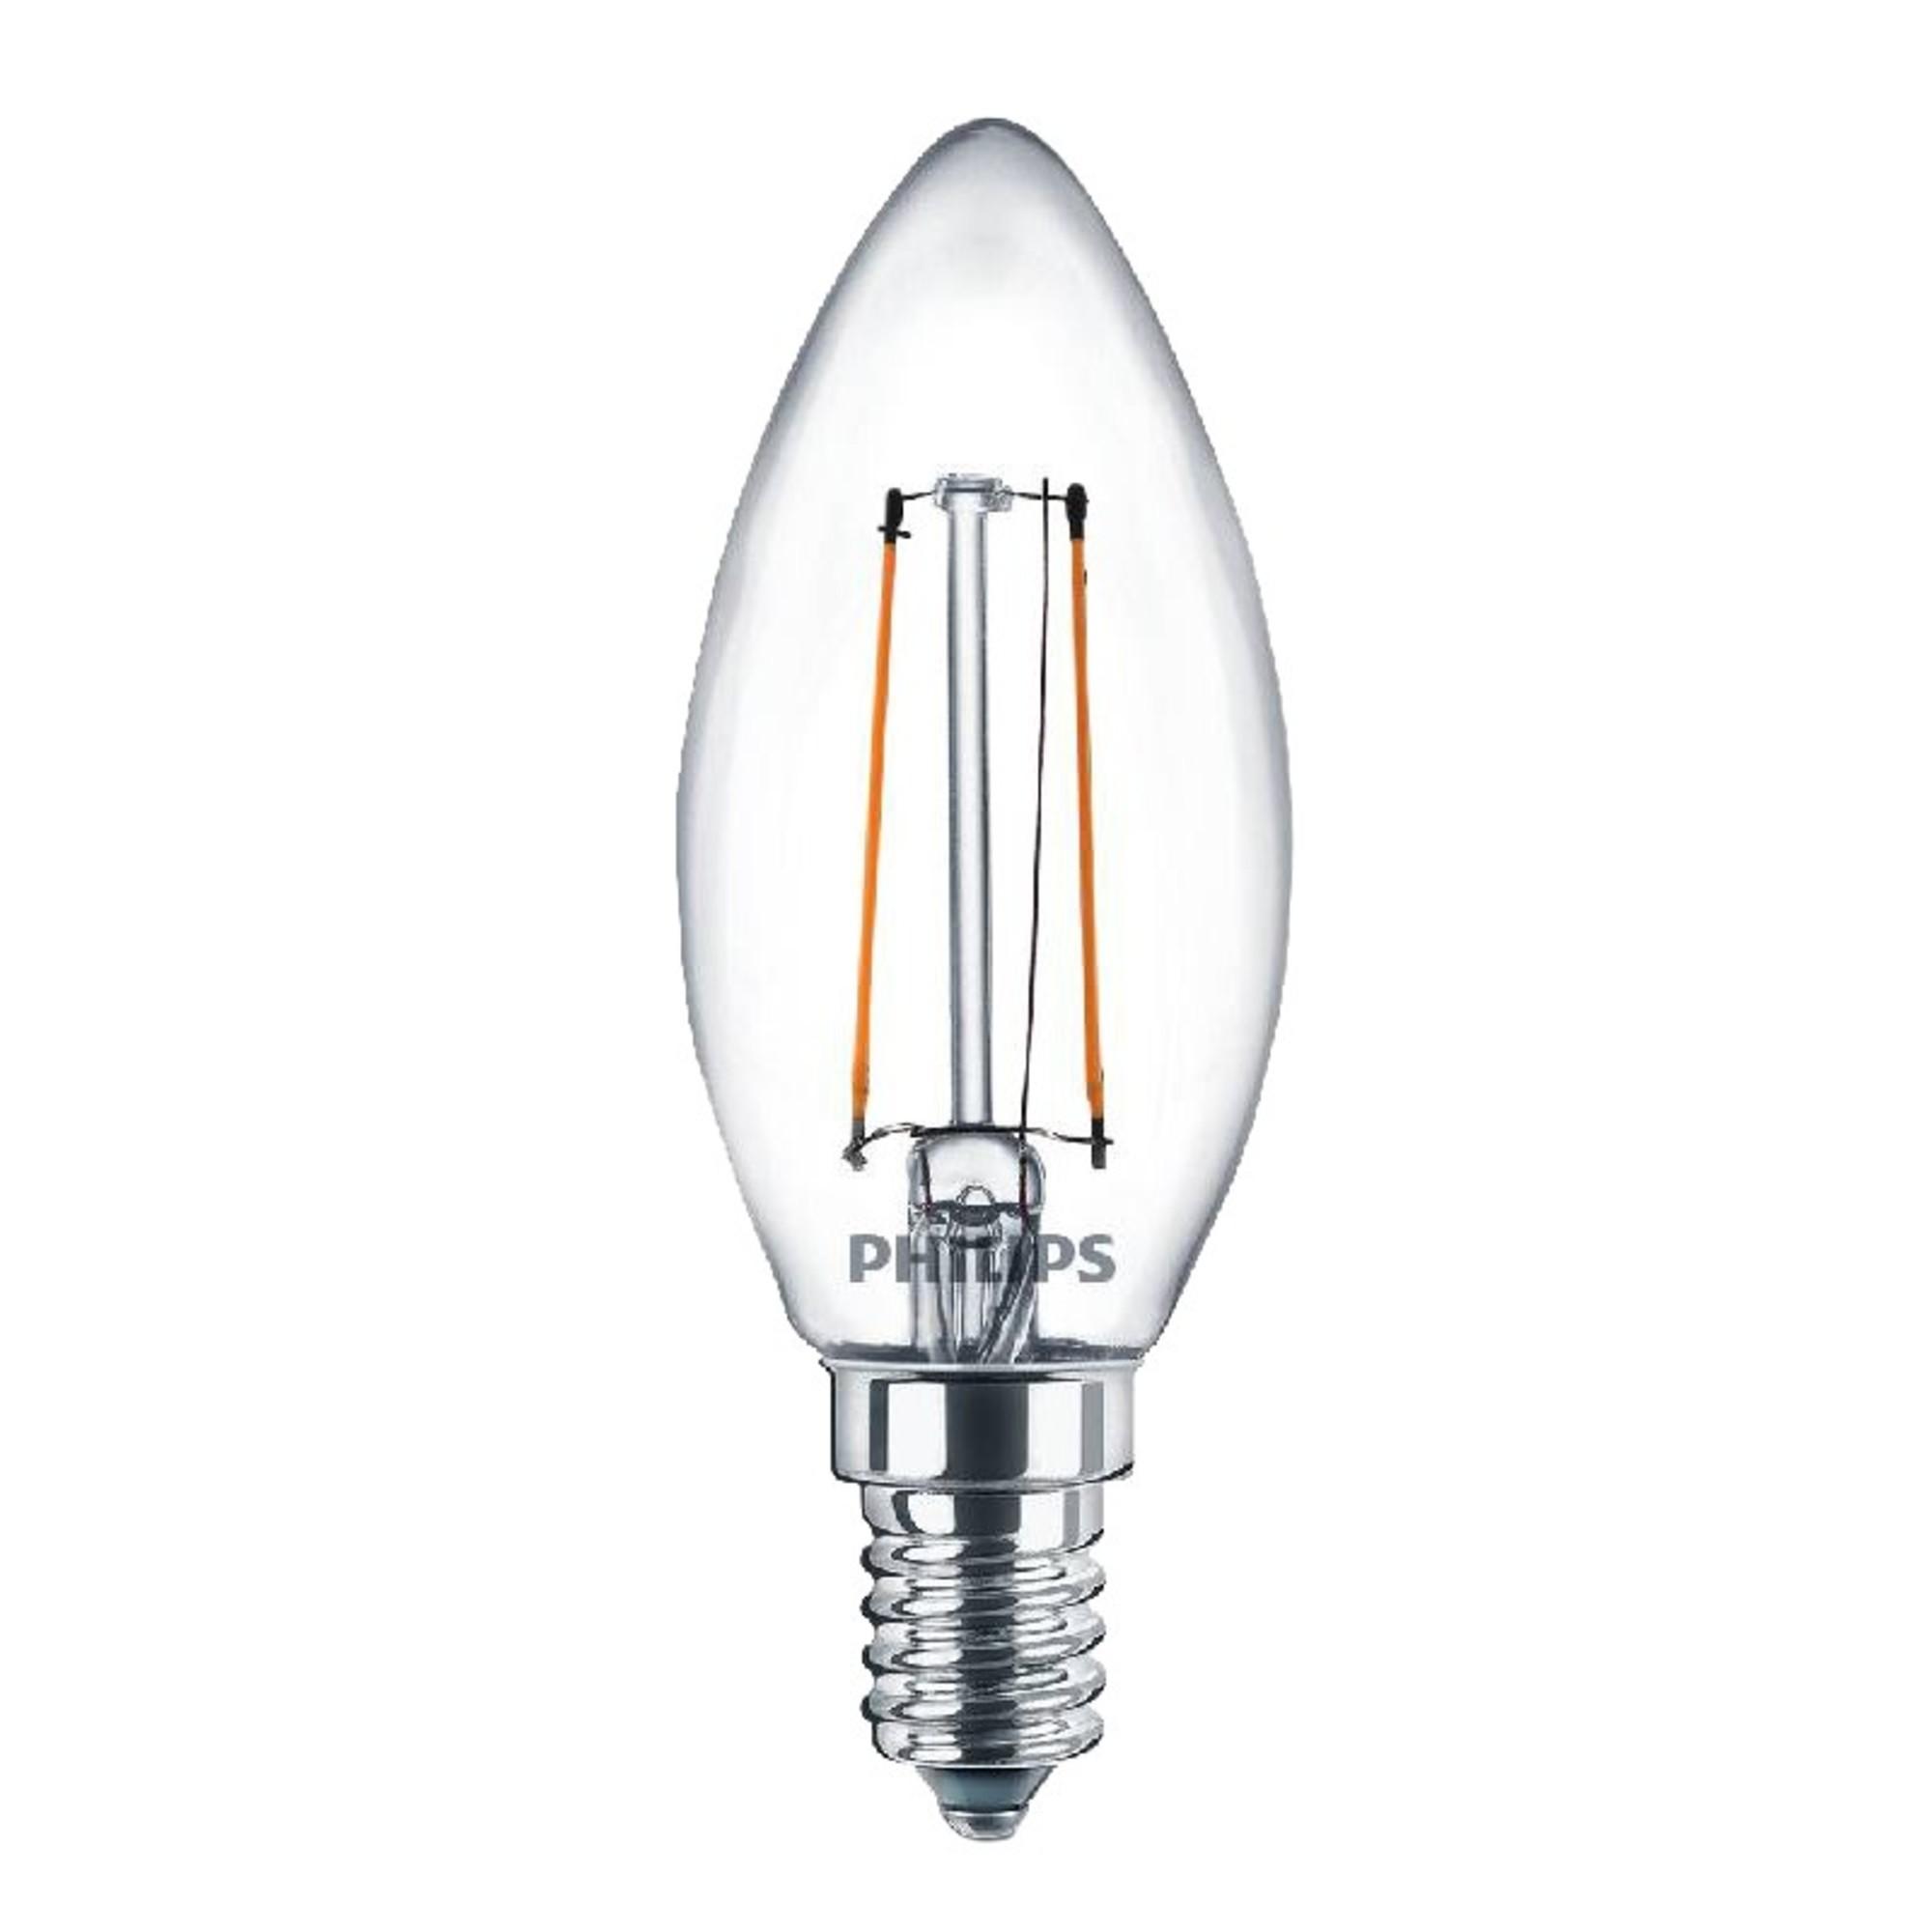 Лампа Philips светодионая E14 4 Вт свеча 400 Лм теплый свет для диммера